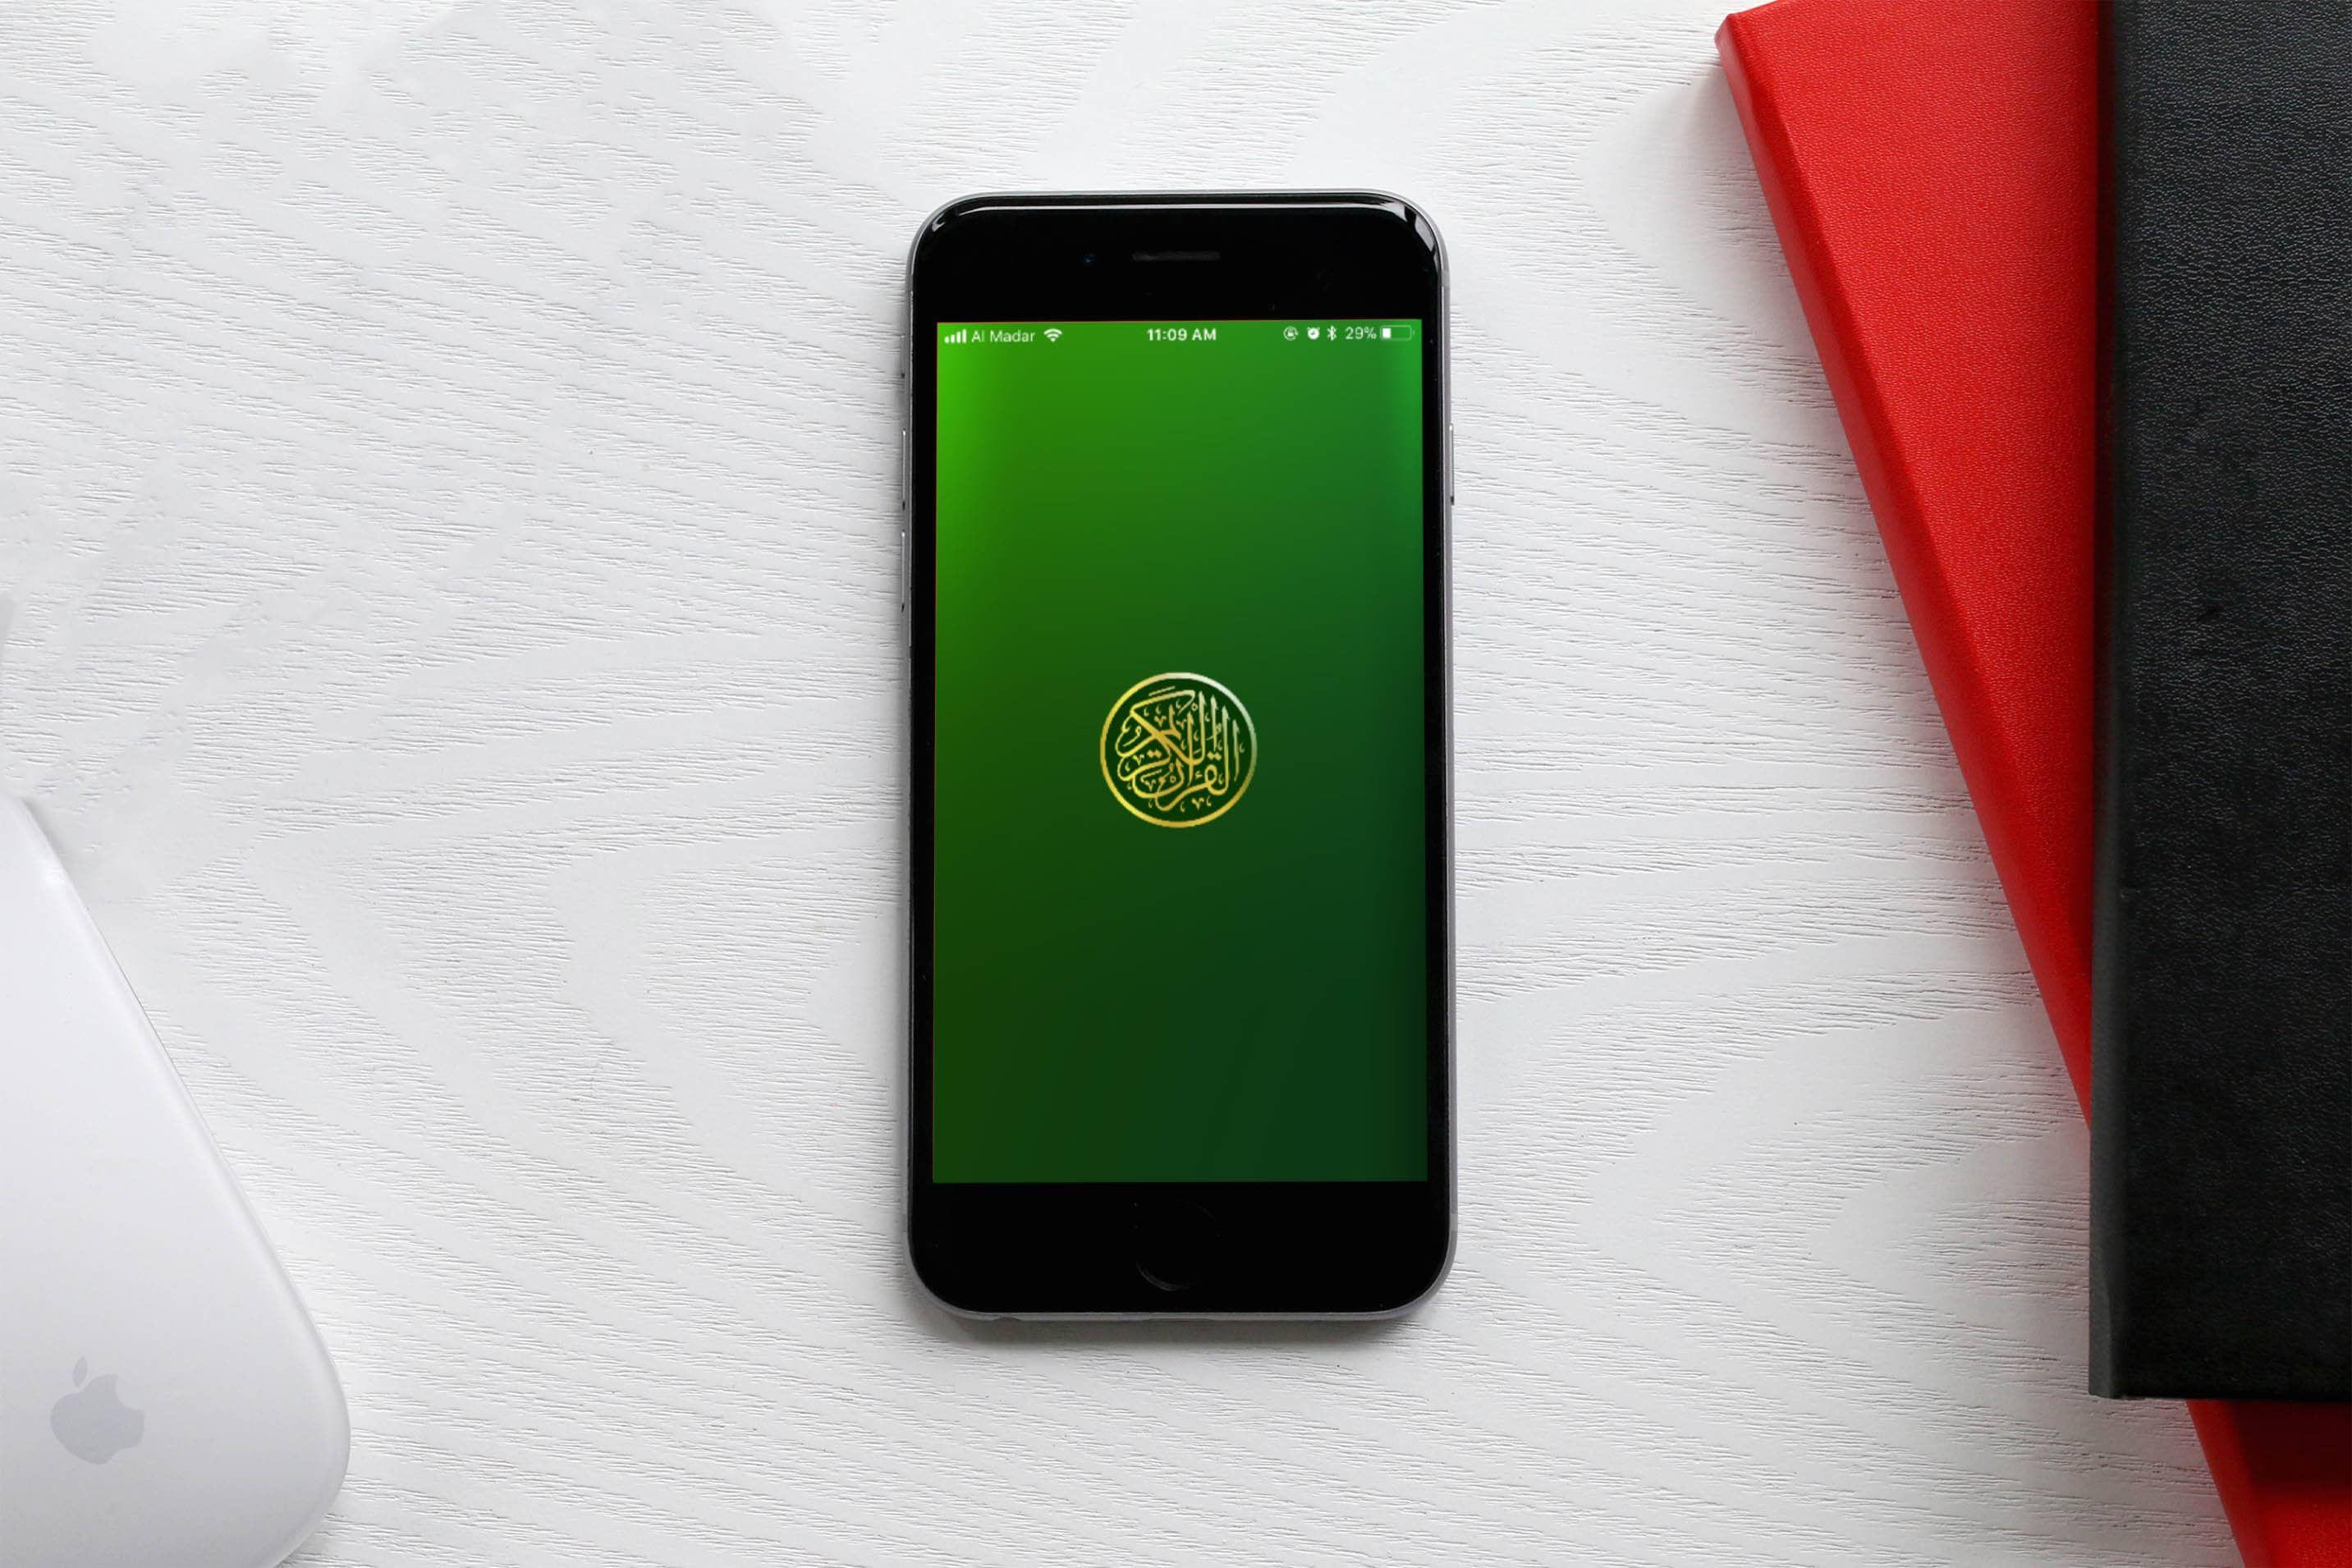 افضل تطبيق للقران الكريم قراءة واستماع وتعليم وبدون انترنت للايفون والايباد Ios Apps Quran App Iphone